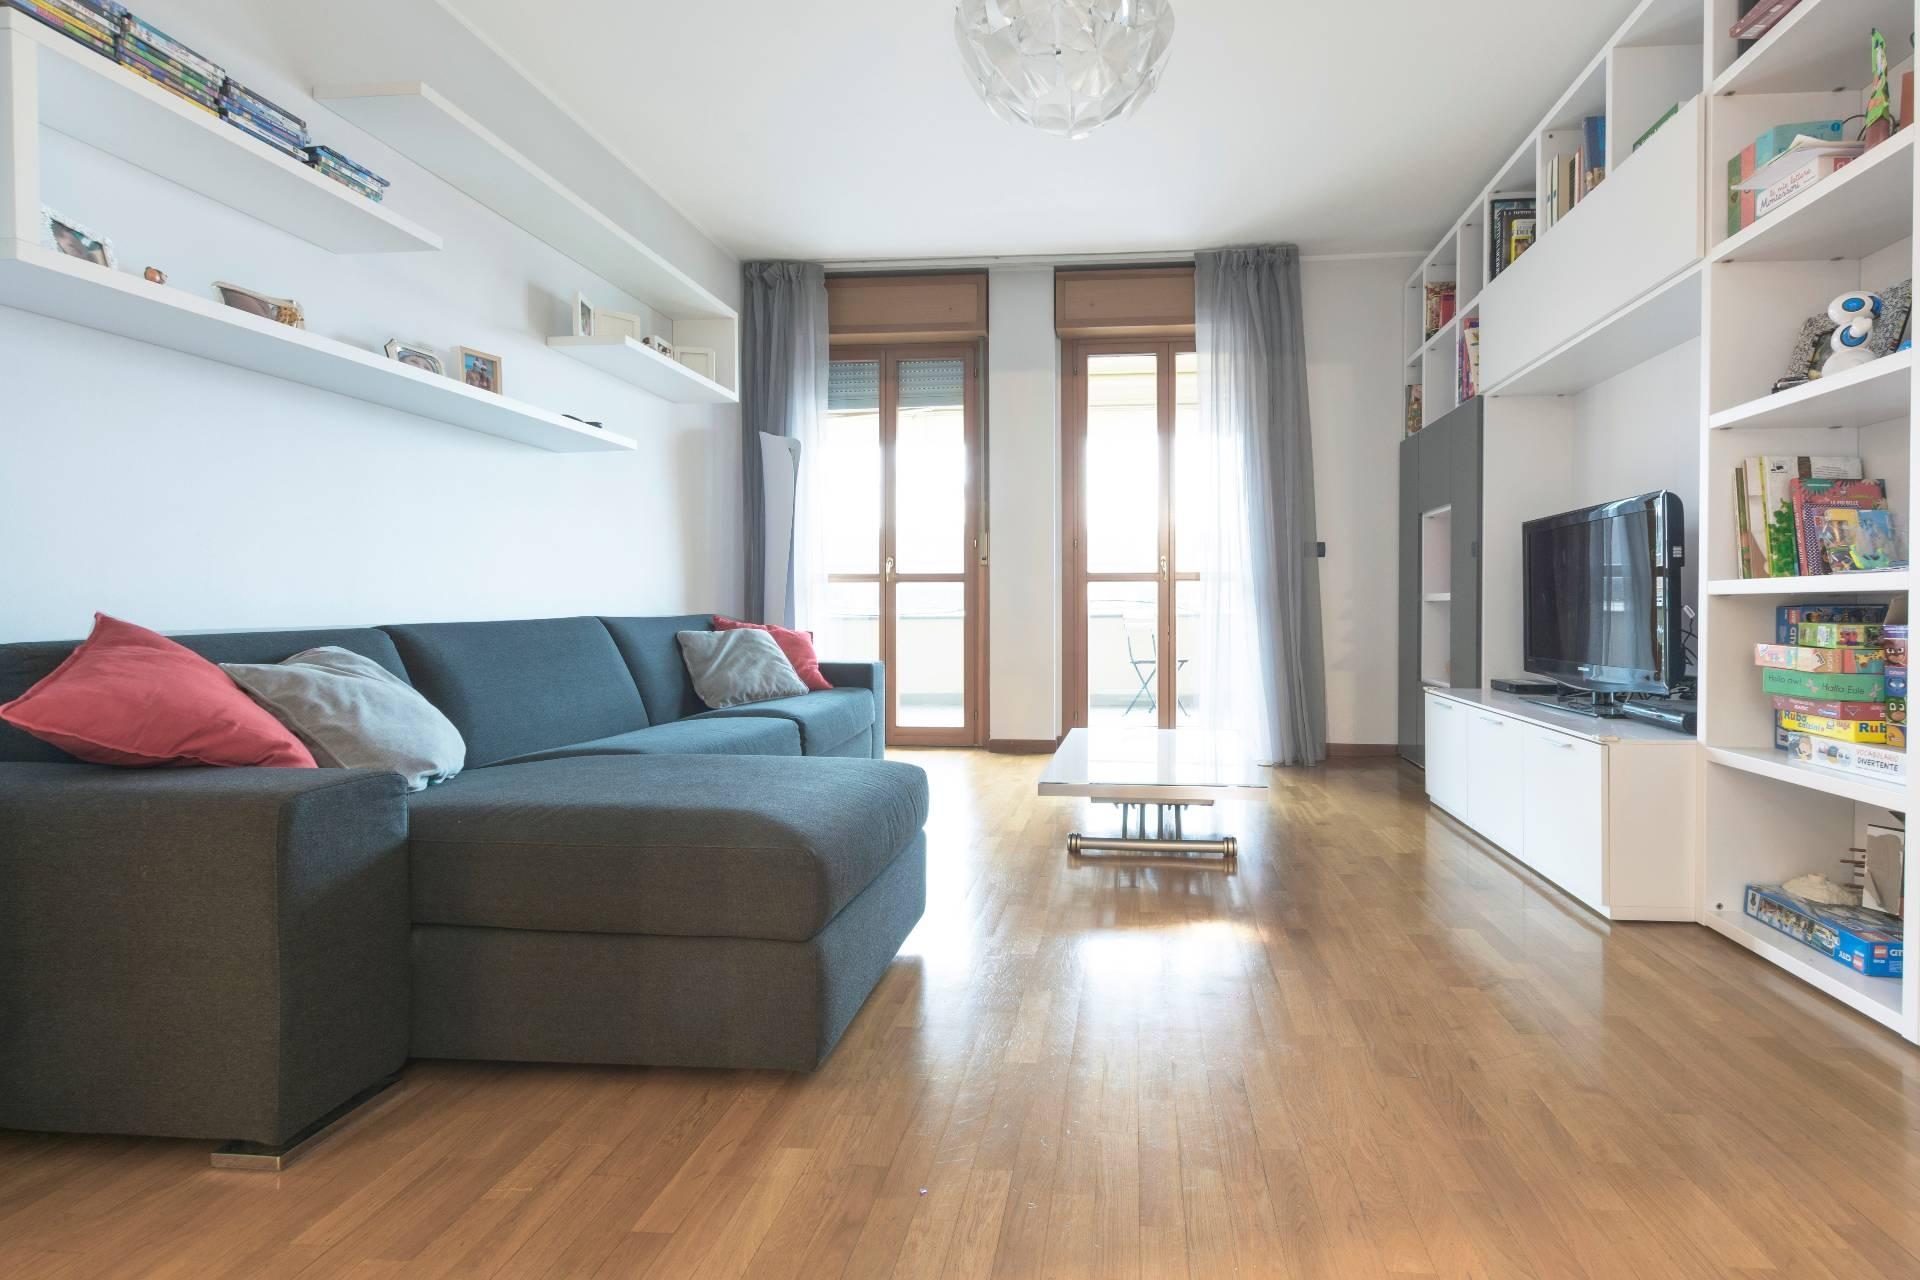 Appartamento in vendita a Milano, 3 locali, zona Zona: 17 . Quarto Oggiaro, Villapizzone, Certosa, Vialba, prezzo € 298.000   CambioCasa.it